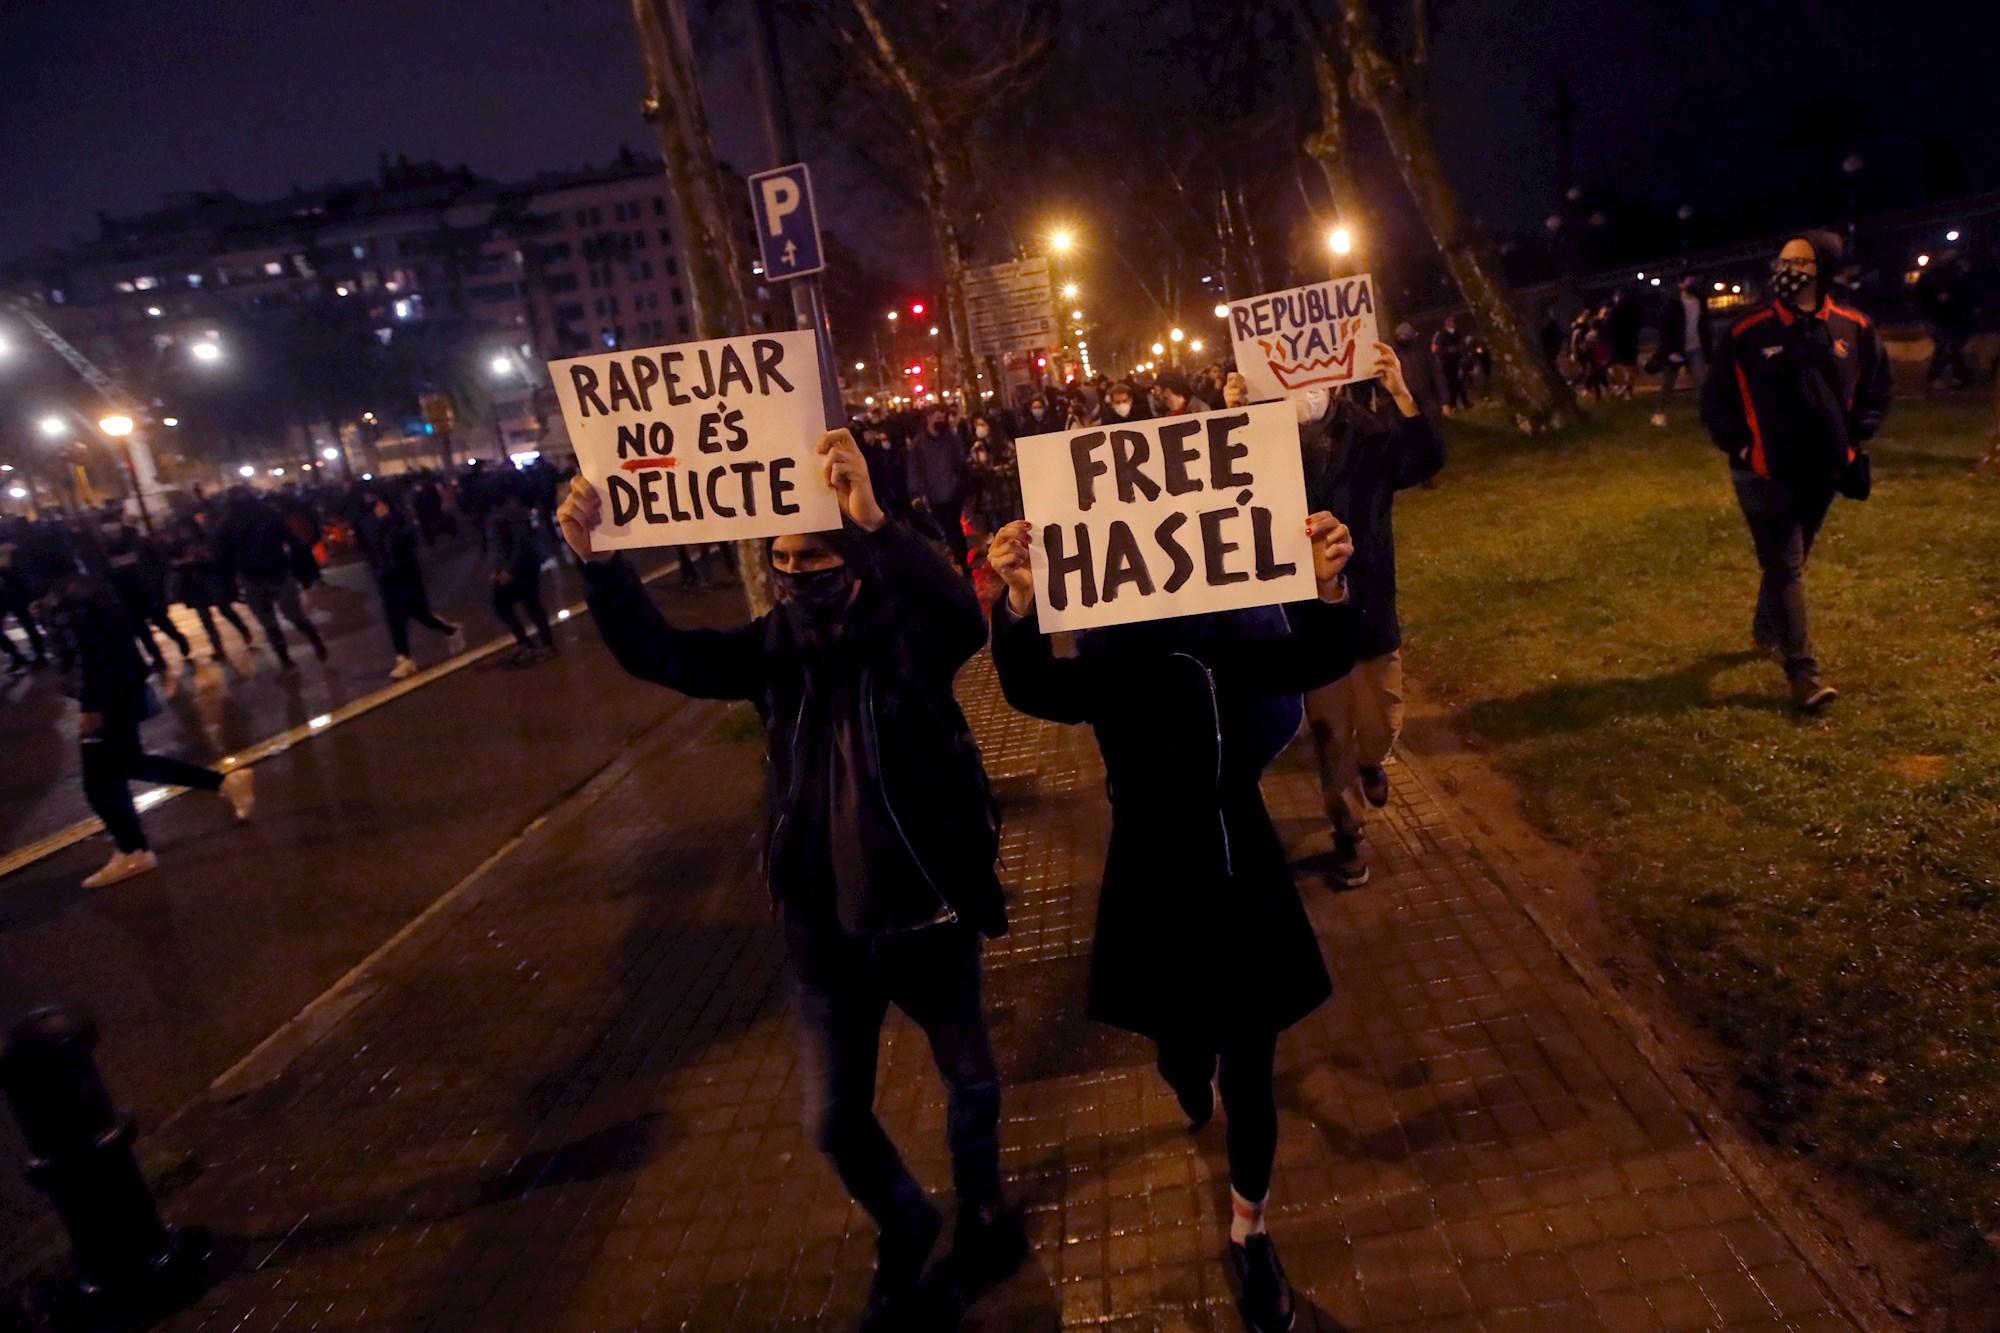 Manifestantes portan pancartas durante una nueva manifestación por la libertad de Pablo Hasel por séptimo día consecutivo en Barcelona. EFE/Marta Pérez